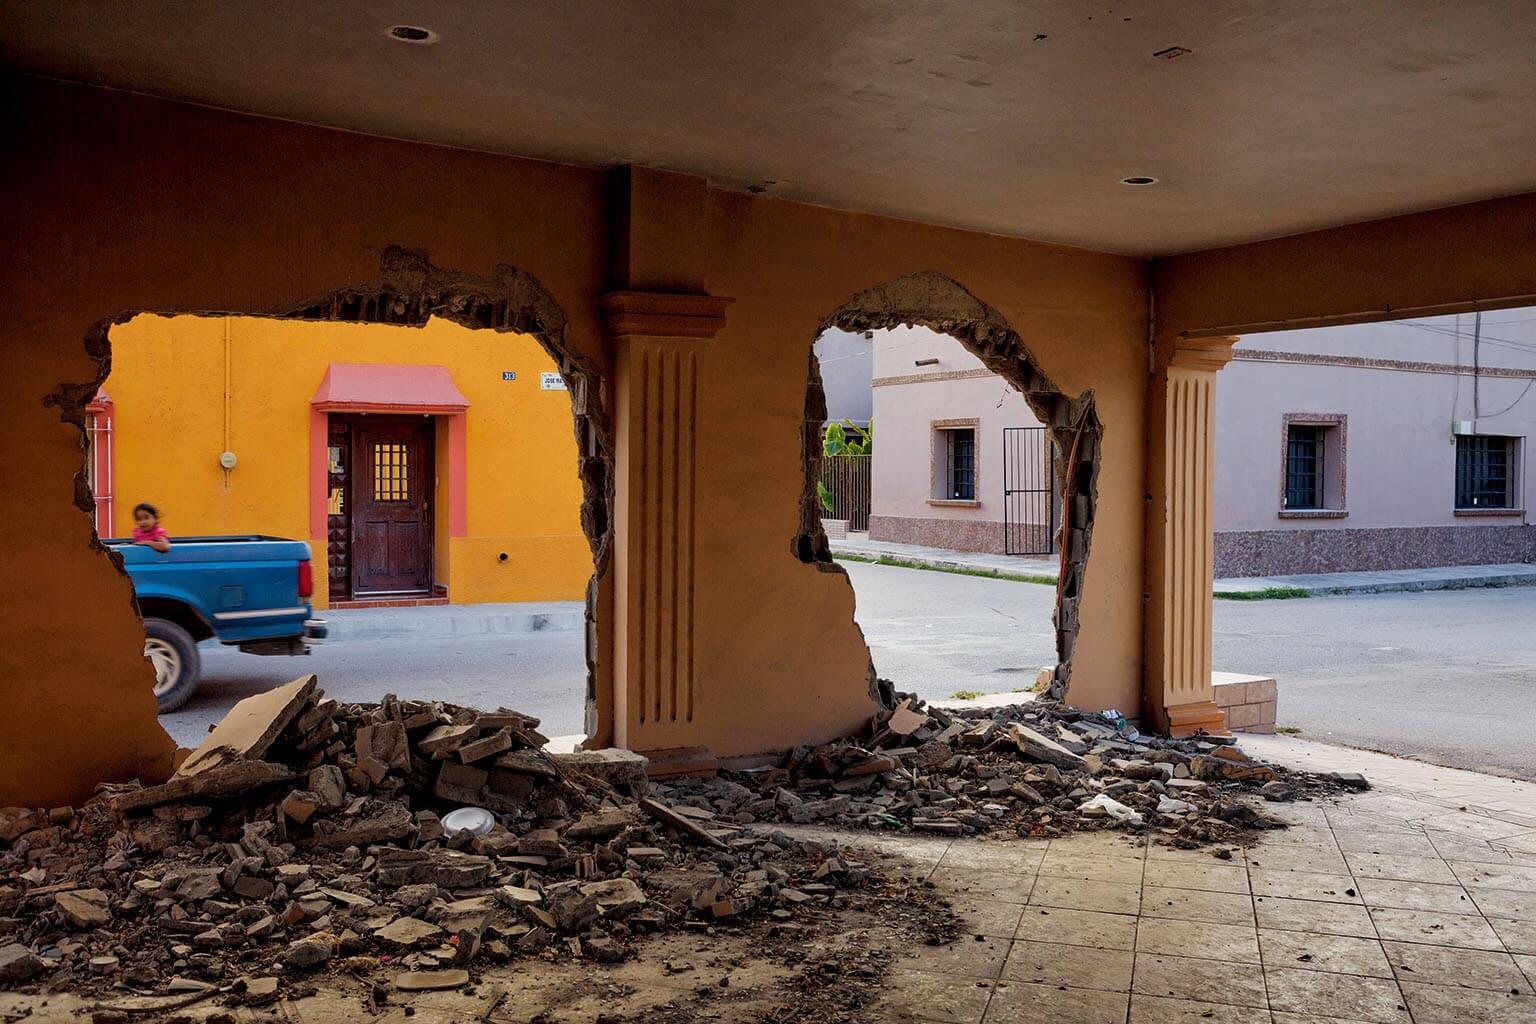 走過阿延第的警察局、消防局和軍事崗哨附近的街道,觸目可及都是塞塔斯集團拆毀的一些住宅與商店。大屠殺發生時,當時的市長還住在這棟房子的對街,他最初在報告中說沒有看到任何暴力行為的跡象。 攝影:柯爾斯登.魯斯 Kirsten Luce